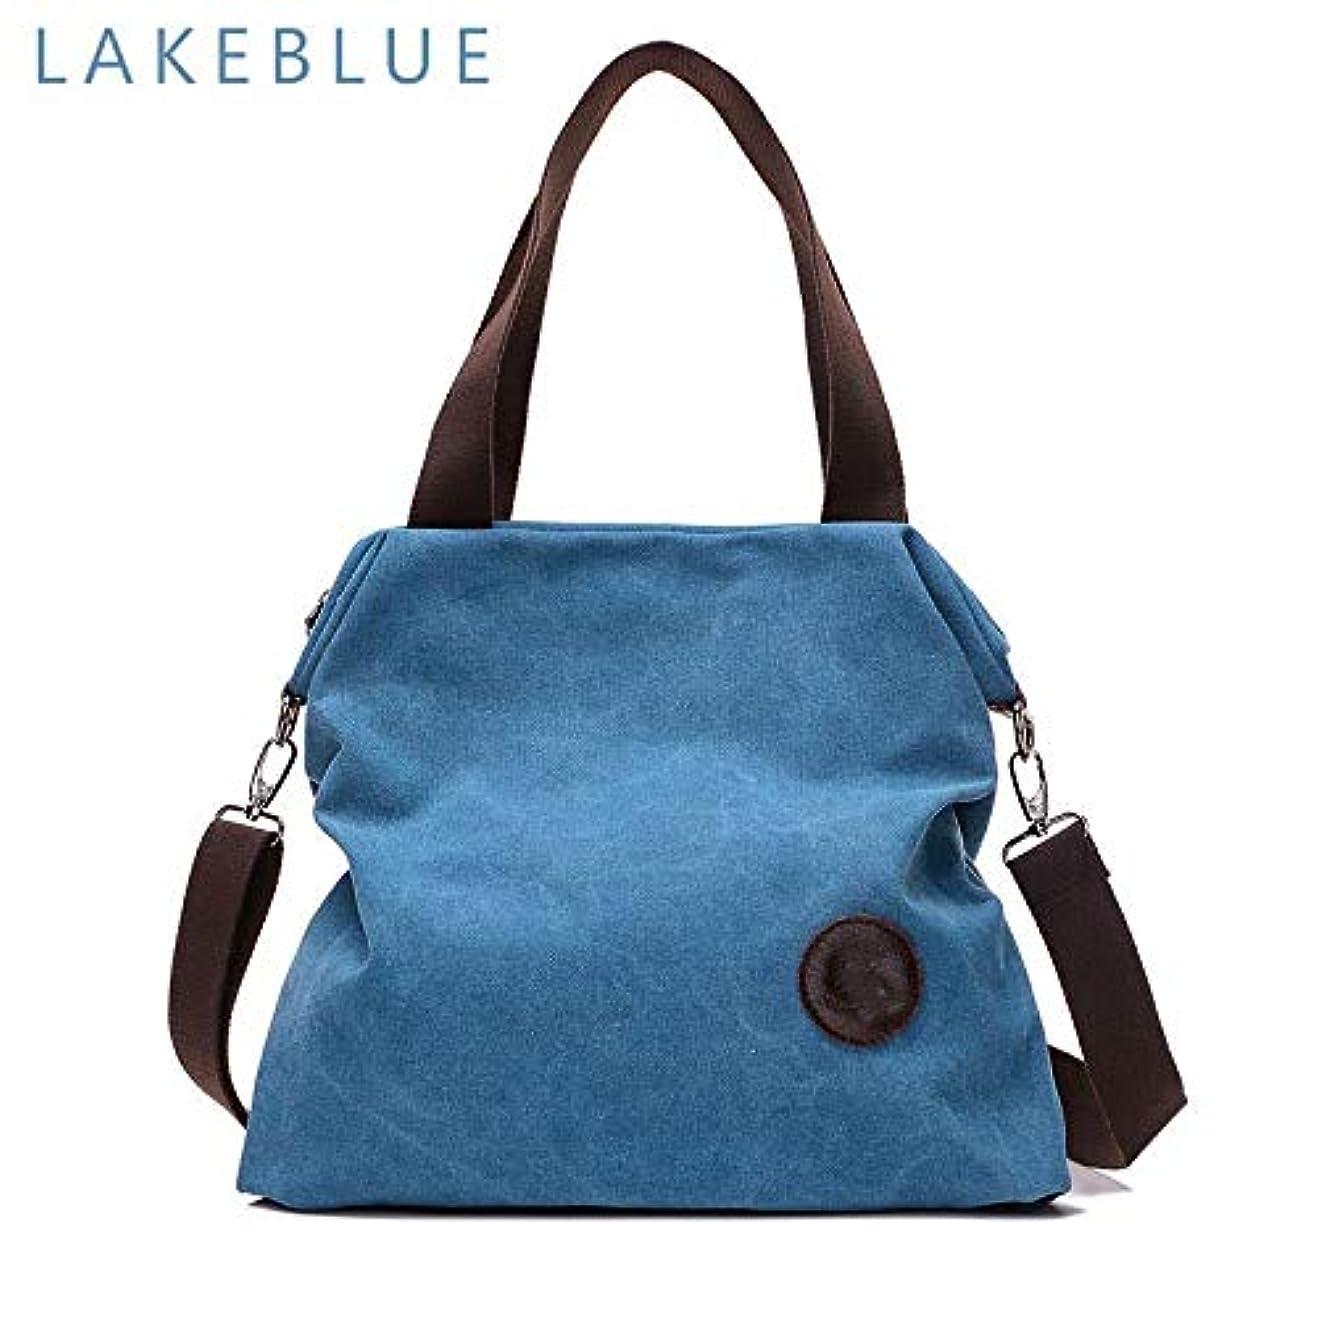 破壊的依存鳴らすLPP2019 Kvky ブランド大ポケットカジュアル女性のハンドバッグのショルダーバッグハンドバッグキャンバスレザー容量のバッグ女性小銭入れ 小さい